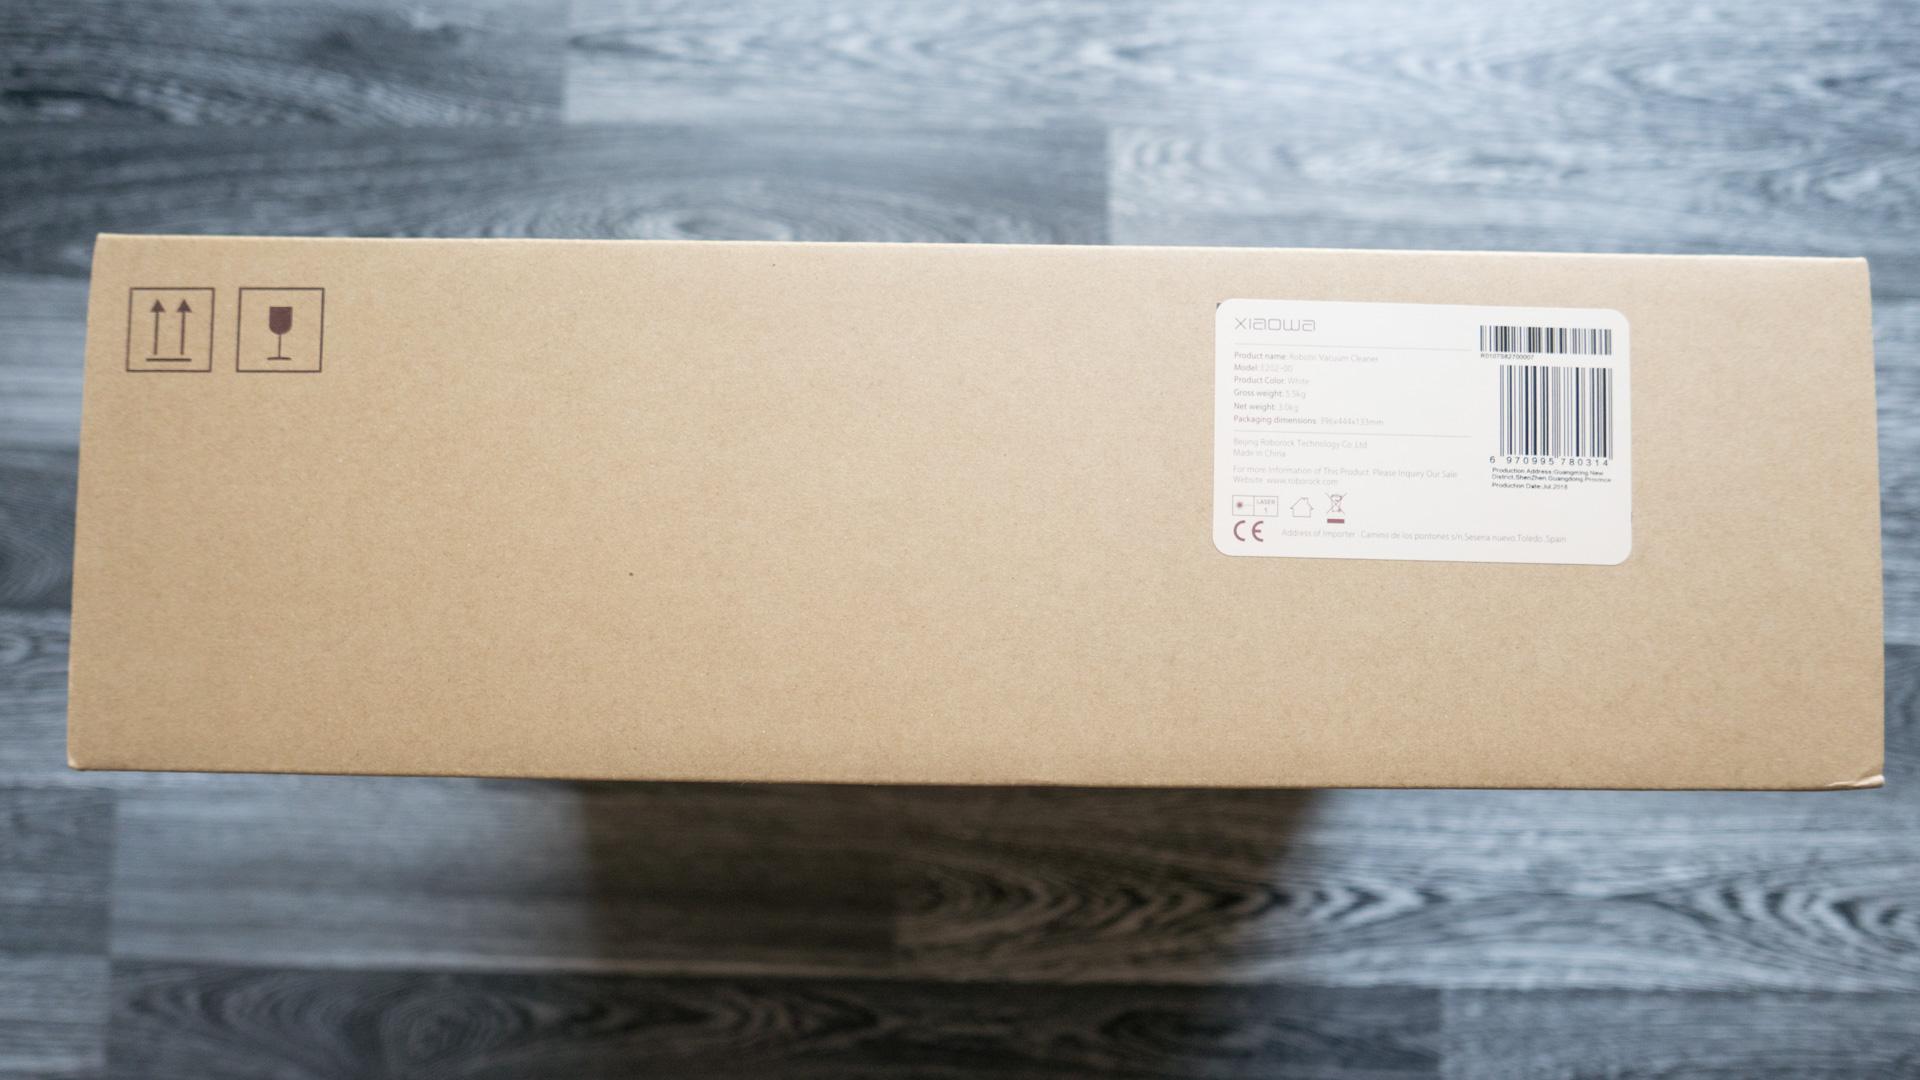 Xiaomi roborock Xiaowa Unboxing 11